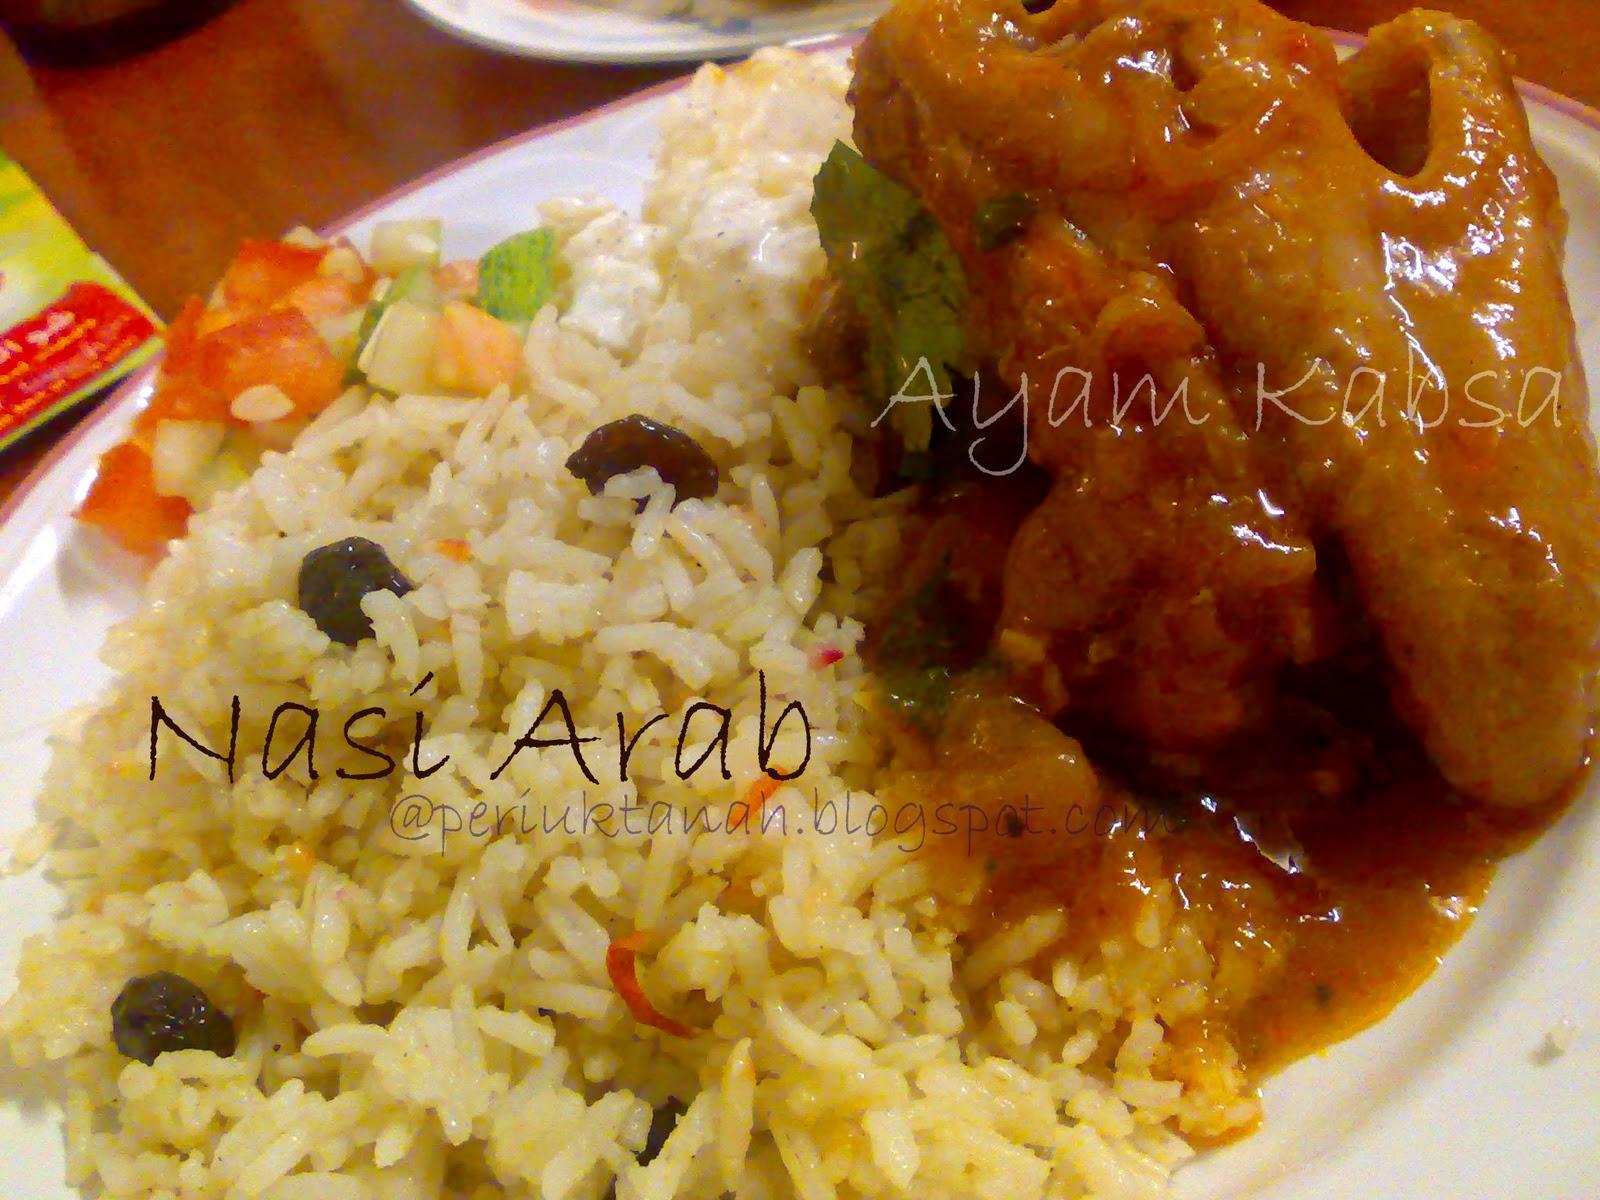 Resepi Nasi Arab Original http://periuktanah.blogspot.com/2011/10/nasi